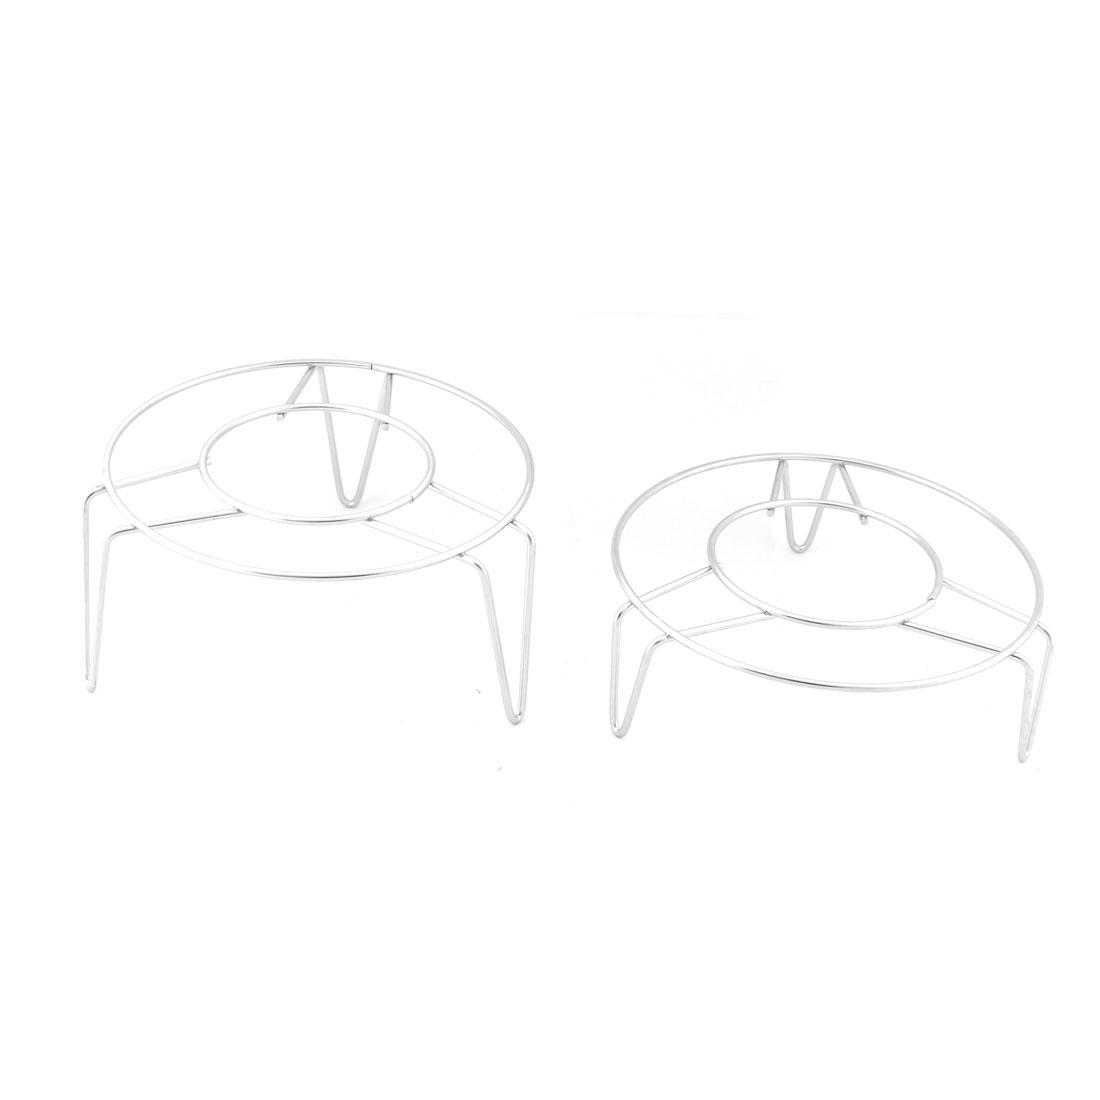 Kitchen Stainless Steel Round Shape 3 Legs Design Steam Rack Silver Tone 2 in 1